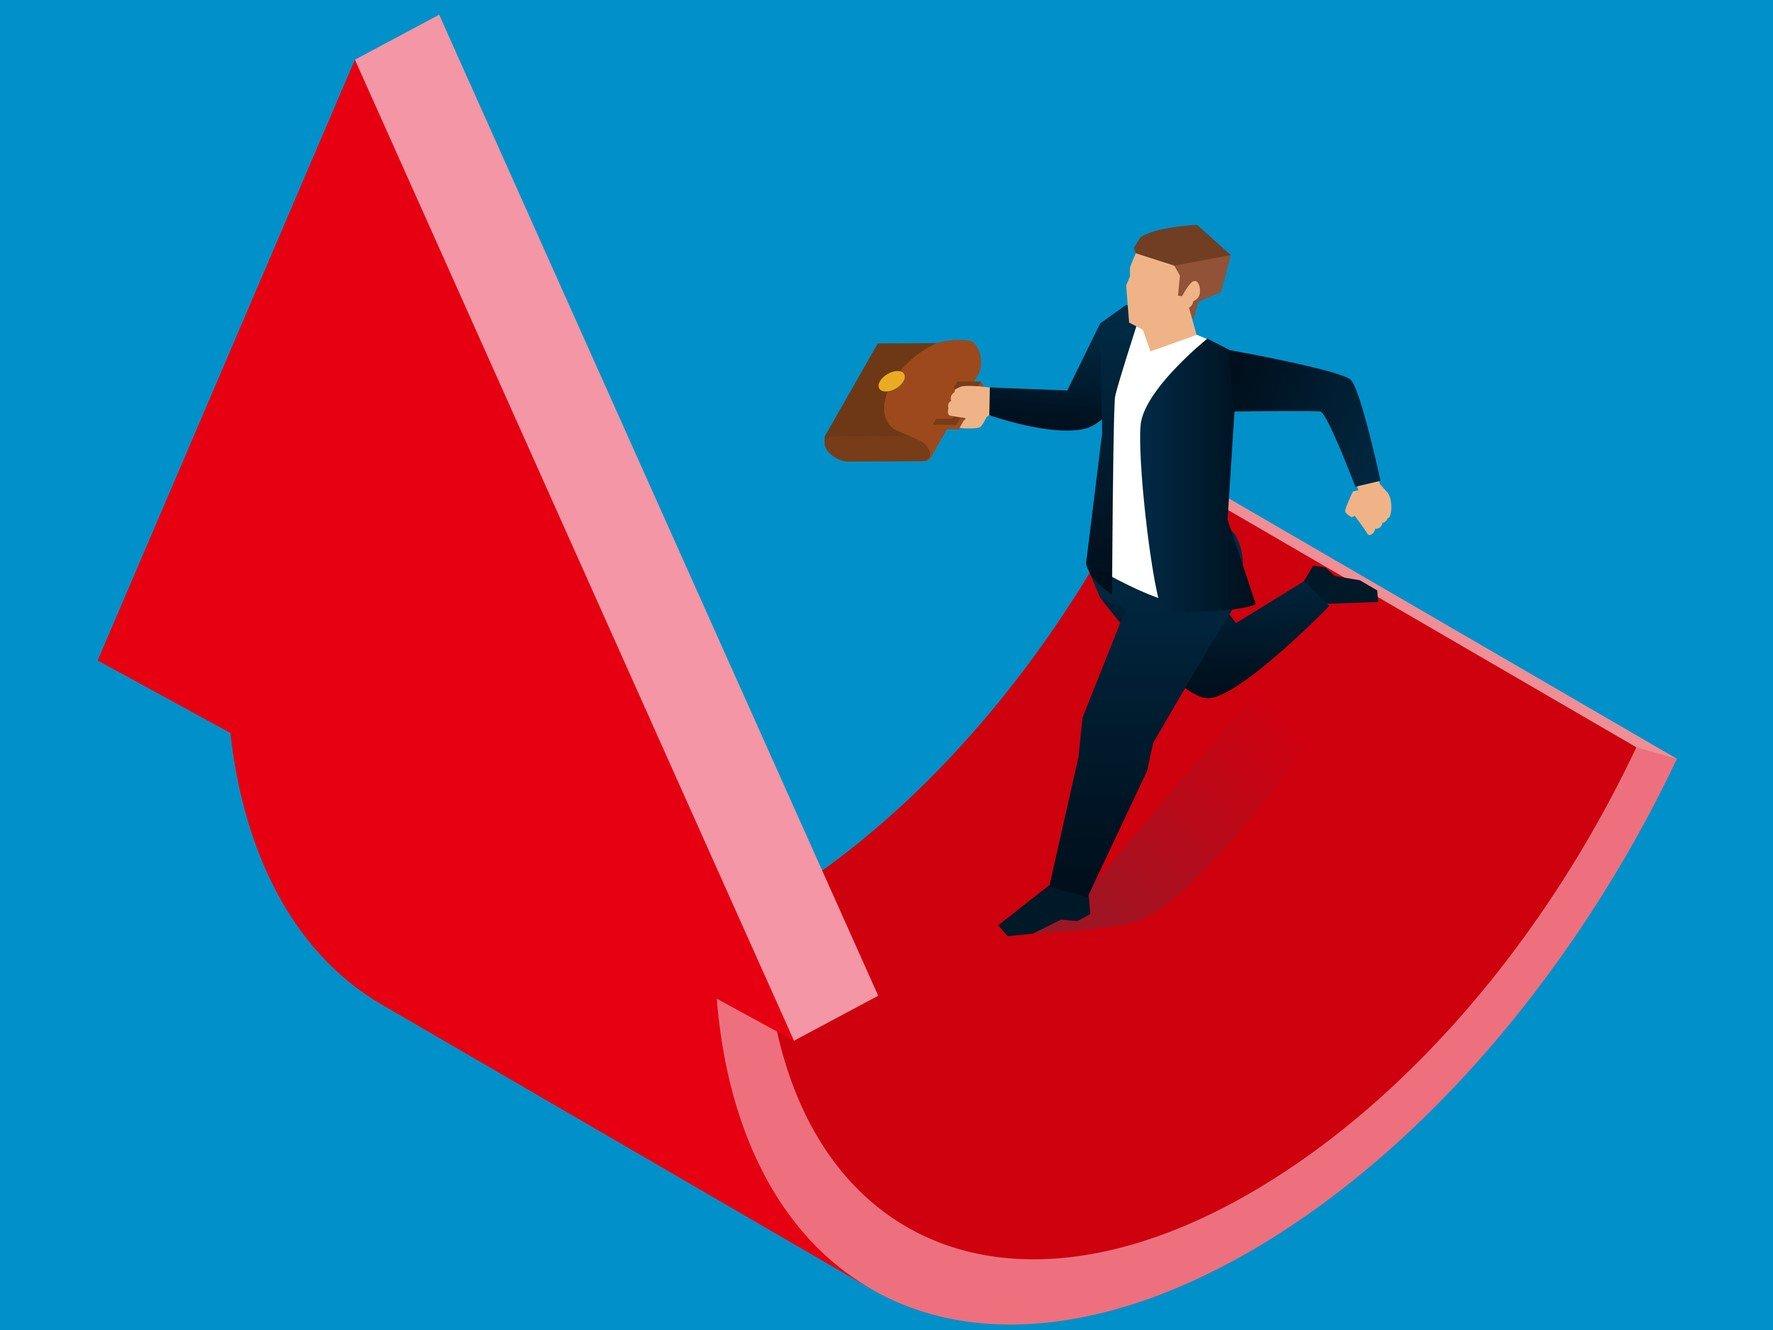 元証券マンが解説、貯金を上手く増やす投資法